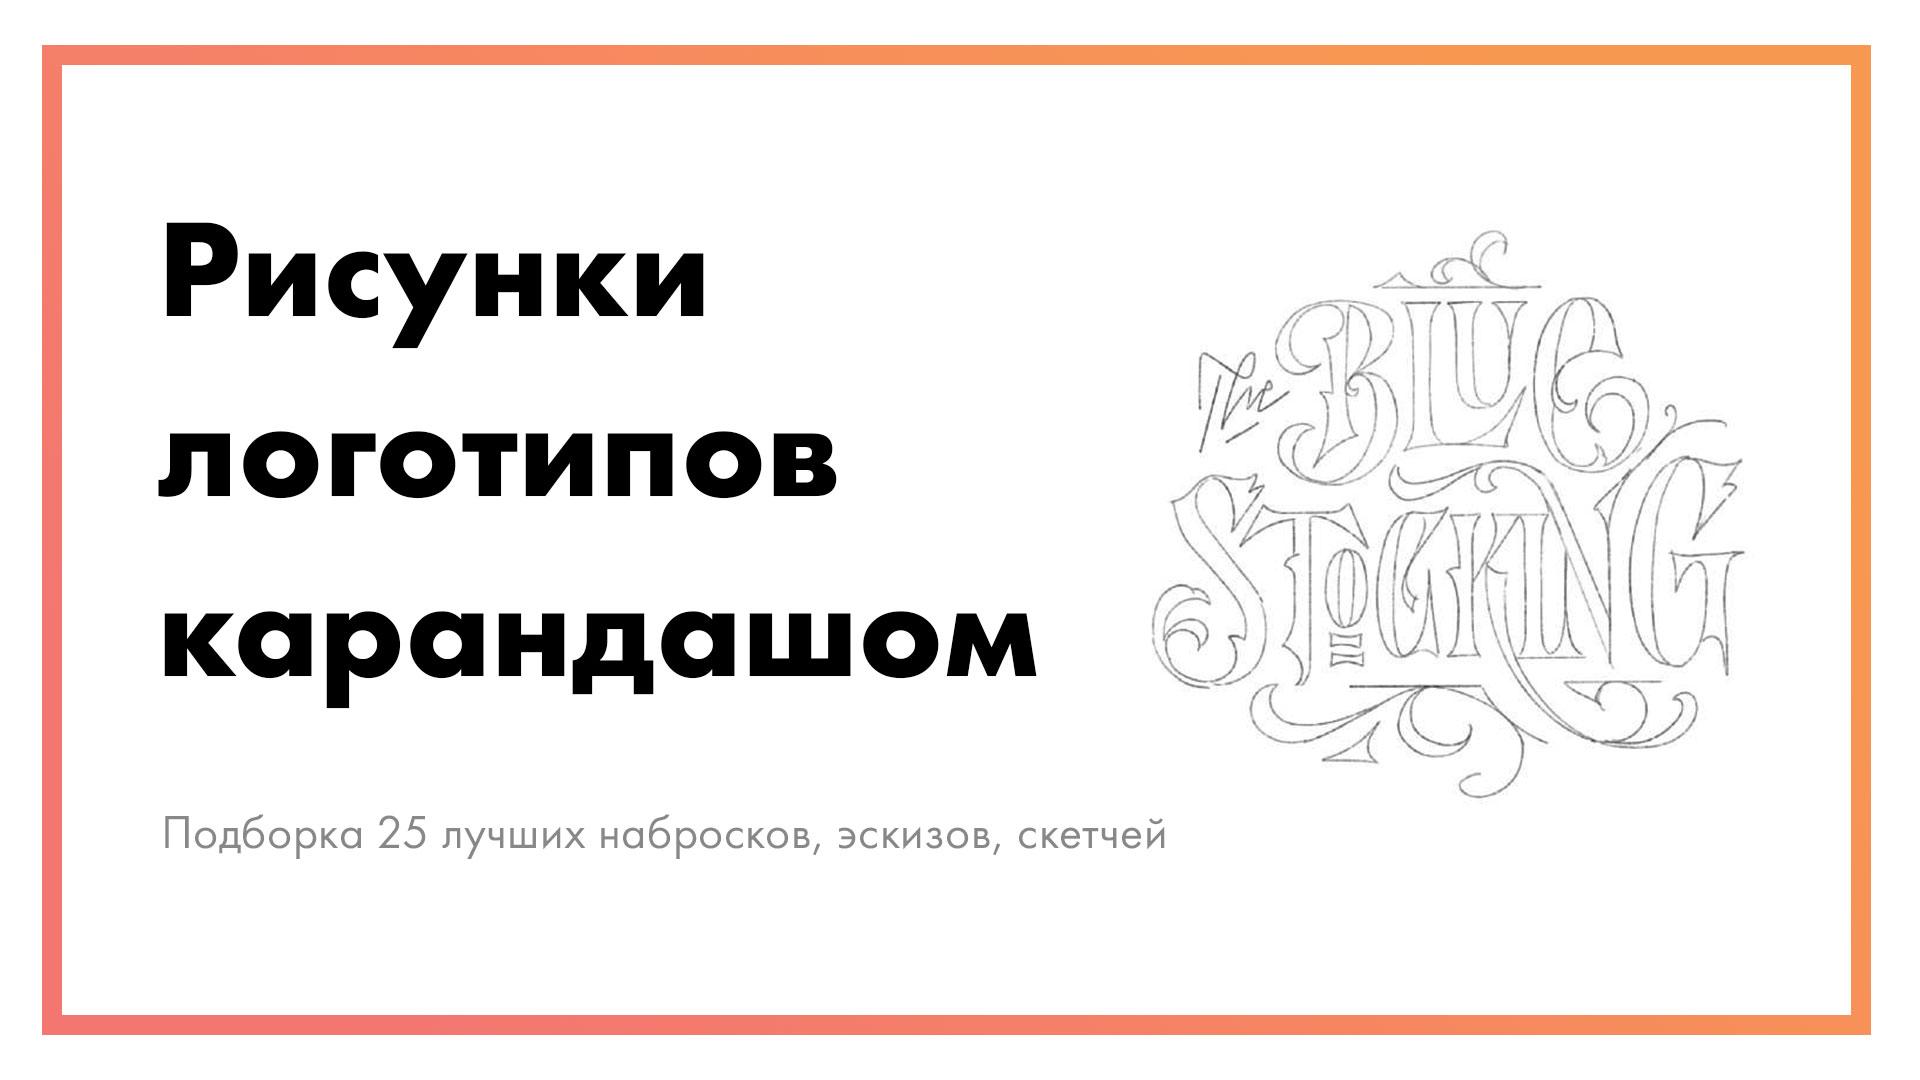 Рисунок-логотипа-карандашом-–-подборка-25-лучших-набросков,-эскизов,-скетчей.jpg